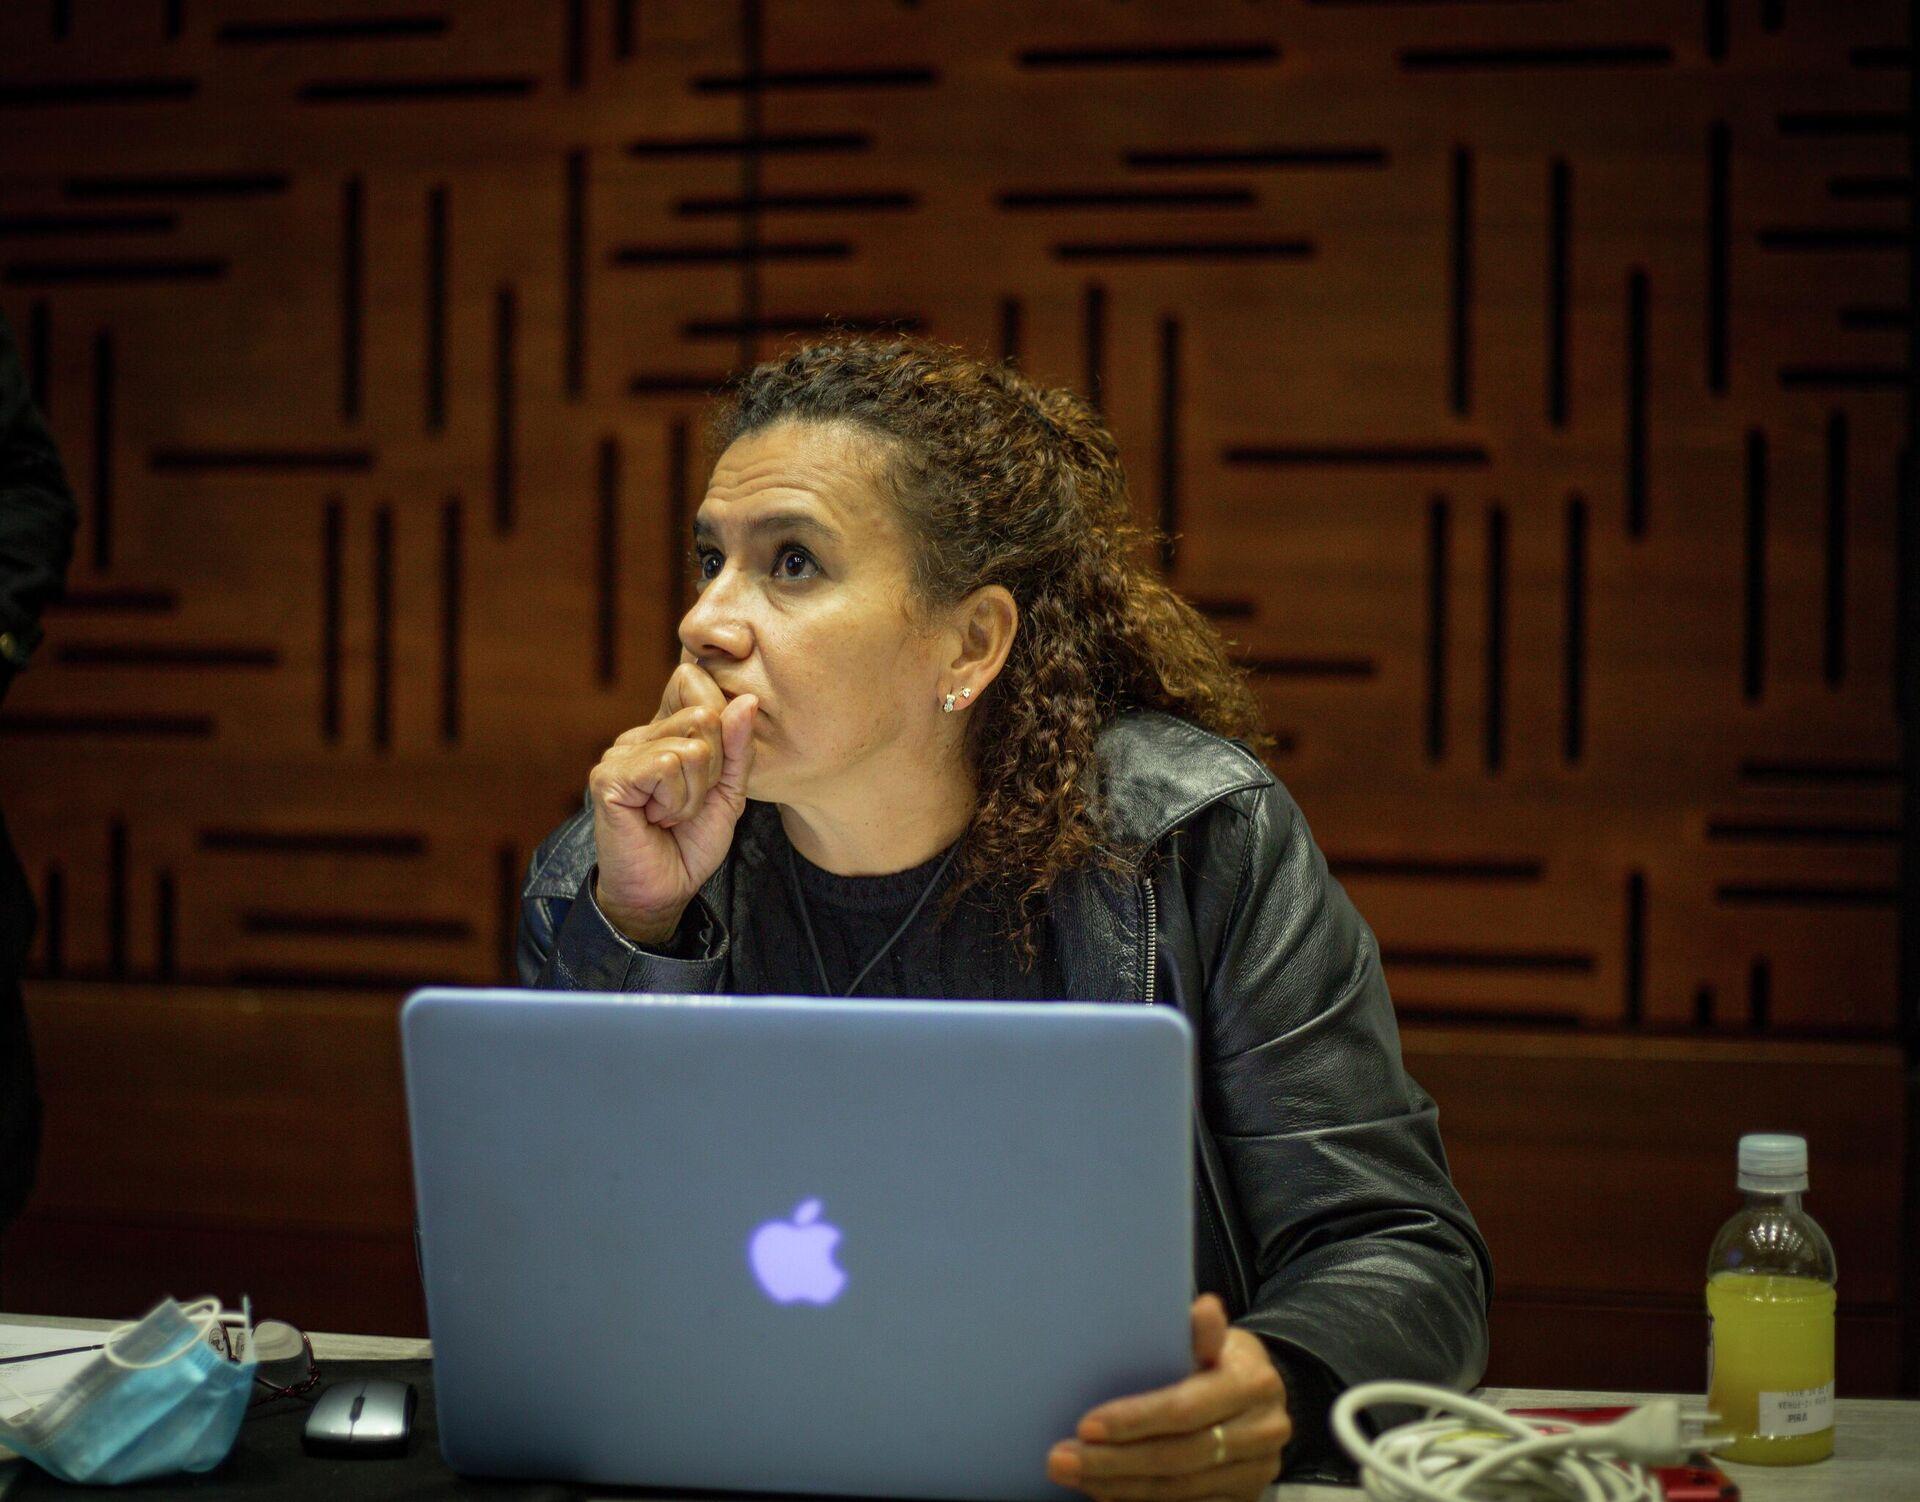 La exguerrillera Mireya Andrade lidera, por parte de las extintas FARC, la búsqueda de desaparecidos en el suroccidente de Colombia - Sputnik Mundo, 1920, 22.09.2021